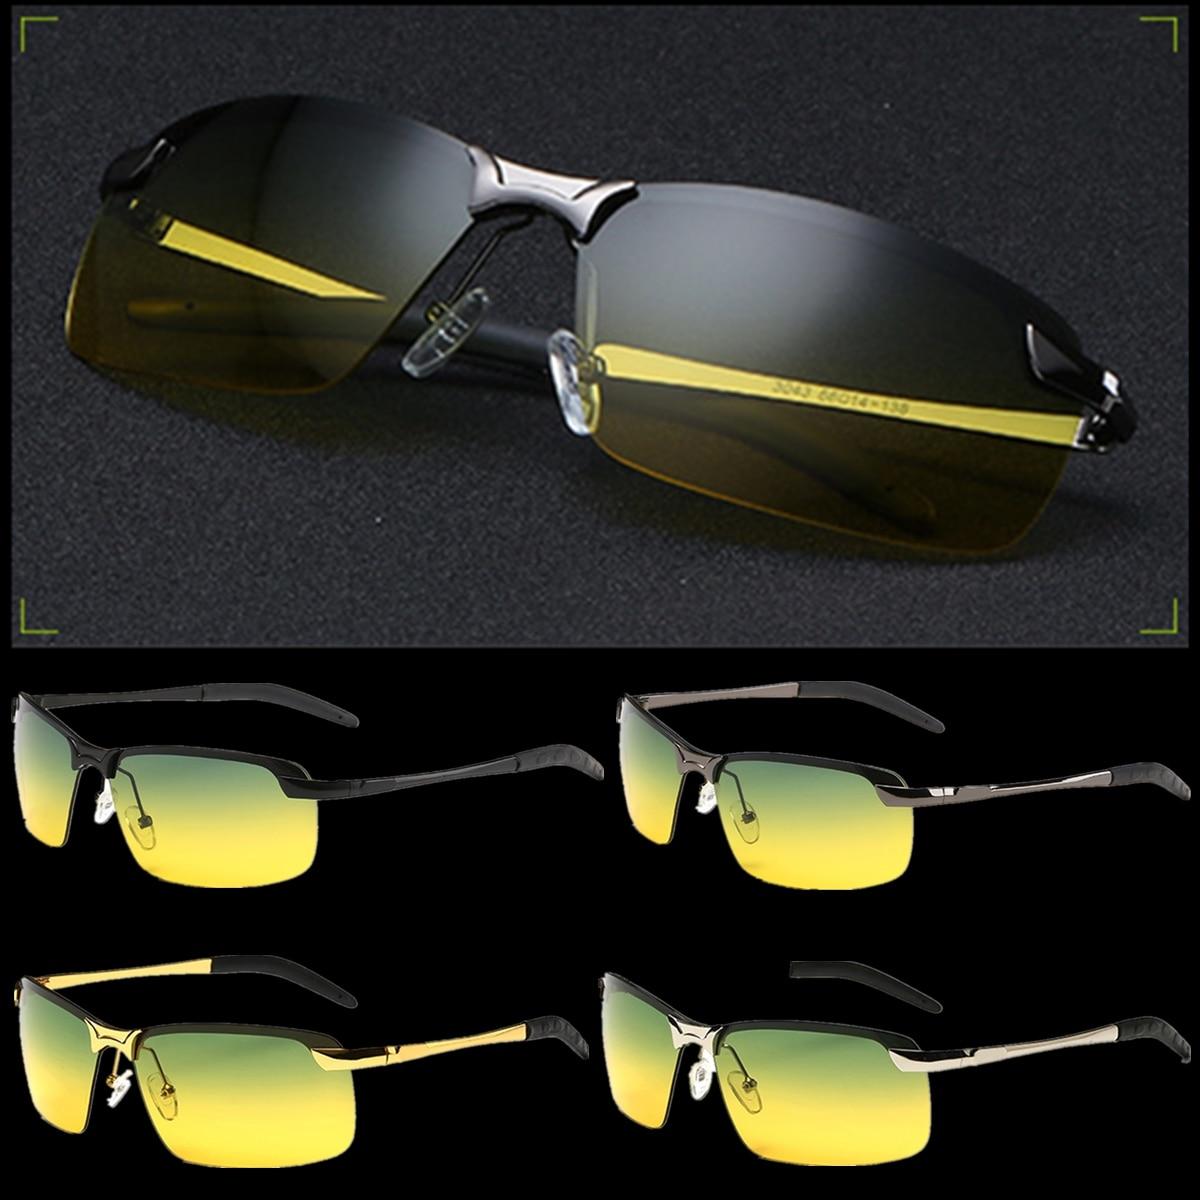 Gli uomini di Notte di Guida Occhiali Occhiali Anti-Abbagliamento Occhiali Da Sole Giallo Occhiali Metallo Notte Occhiali di Protezione Occhiali Polarizzati Per La Guida di Veicoli